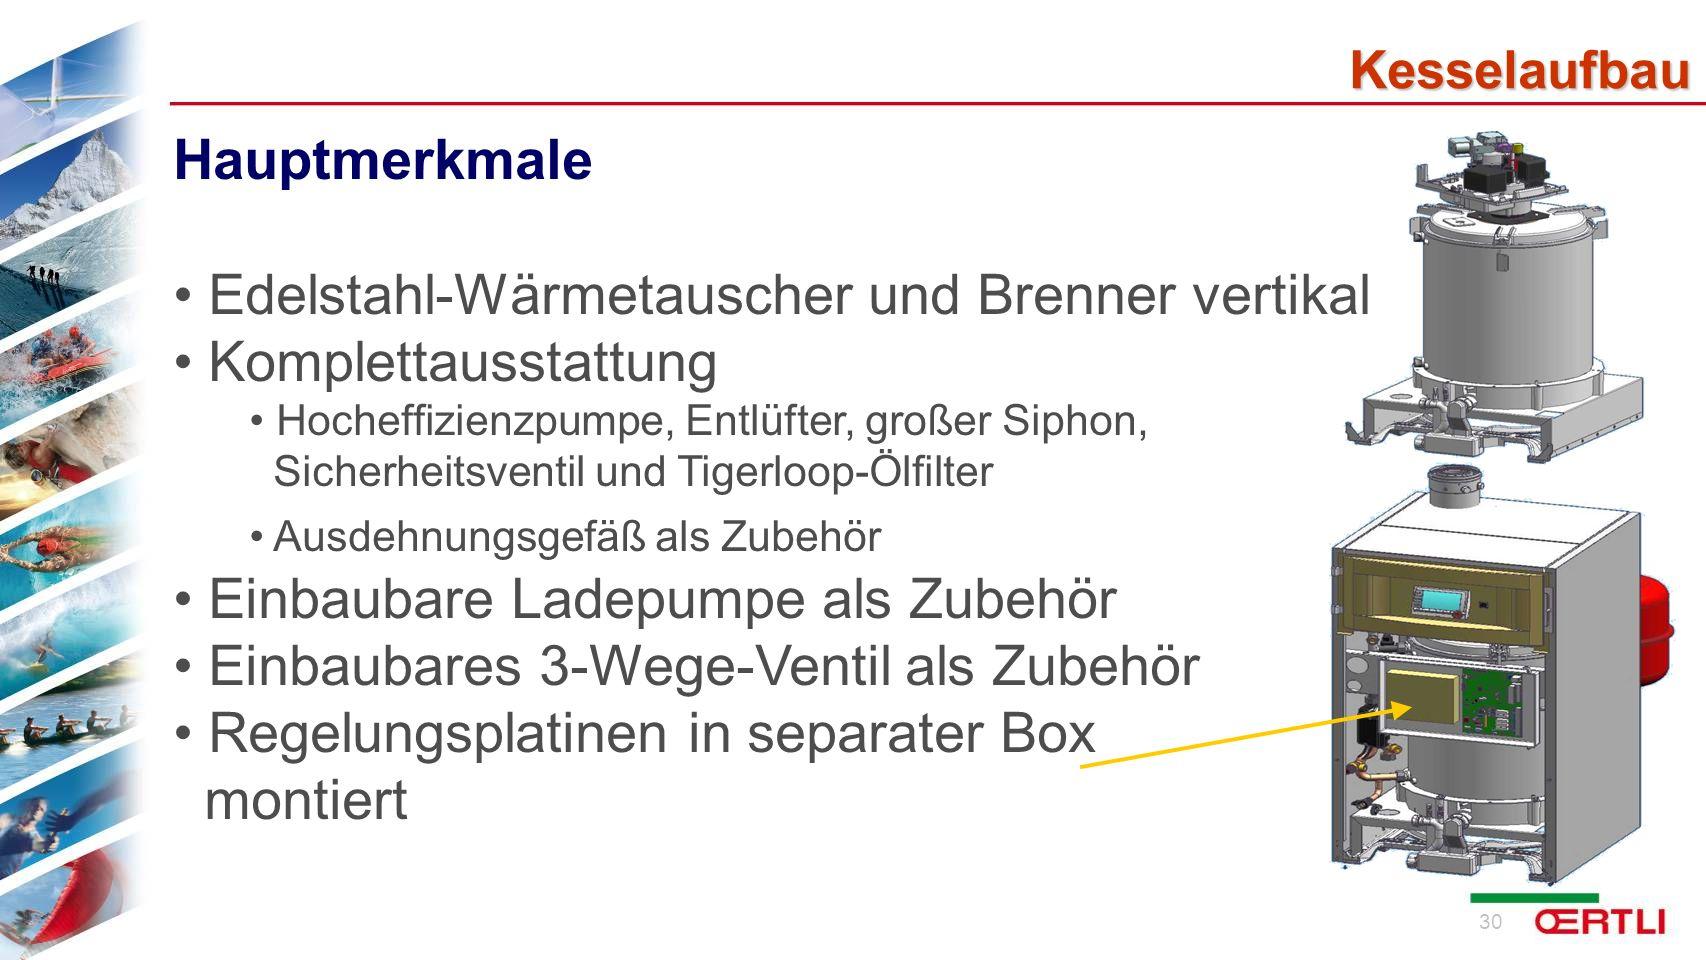 Edelstahl-Wärmetauscher und Brenner vertikal Komplettausstattung